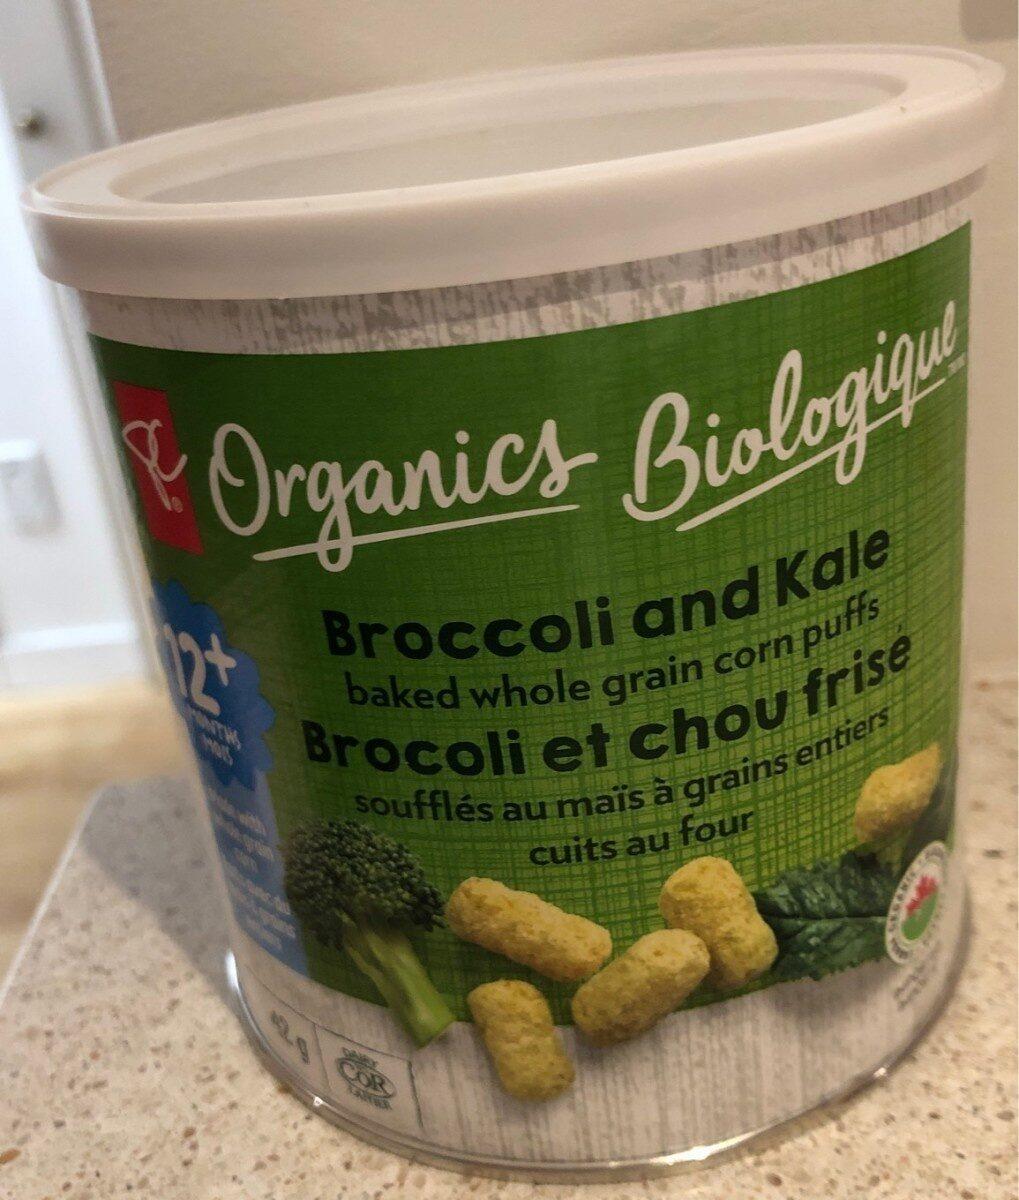 Brocoli et chou frisé - Product - fr